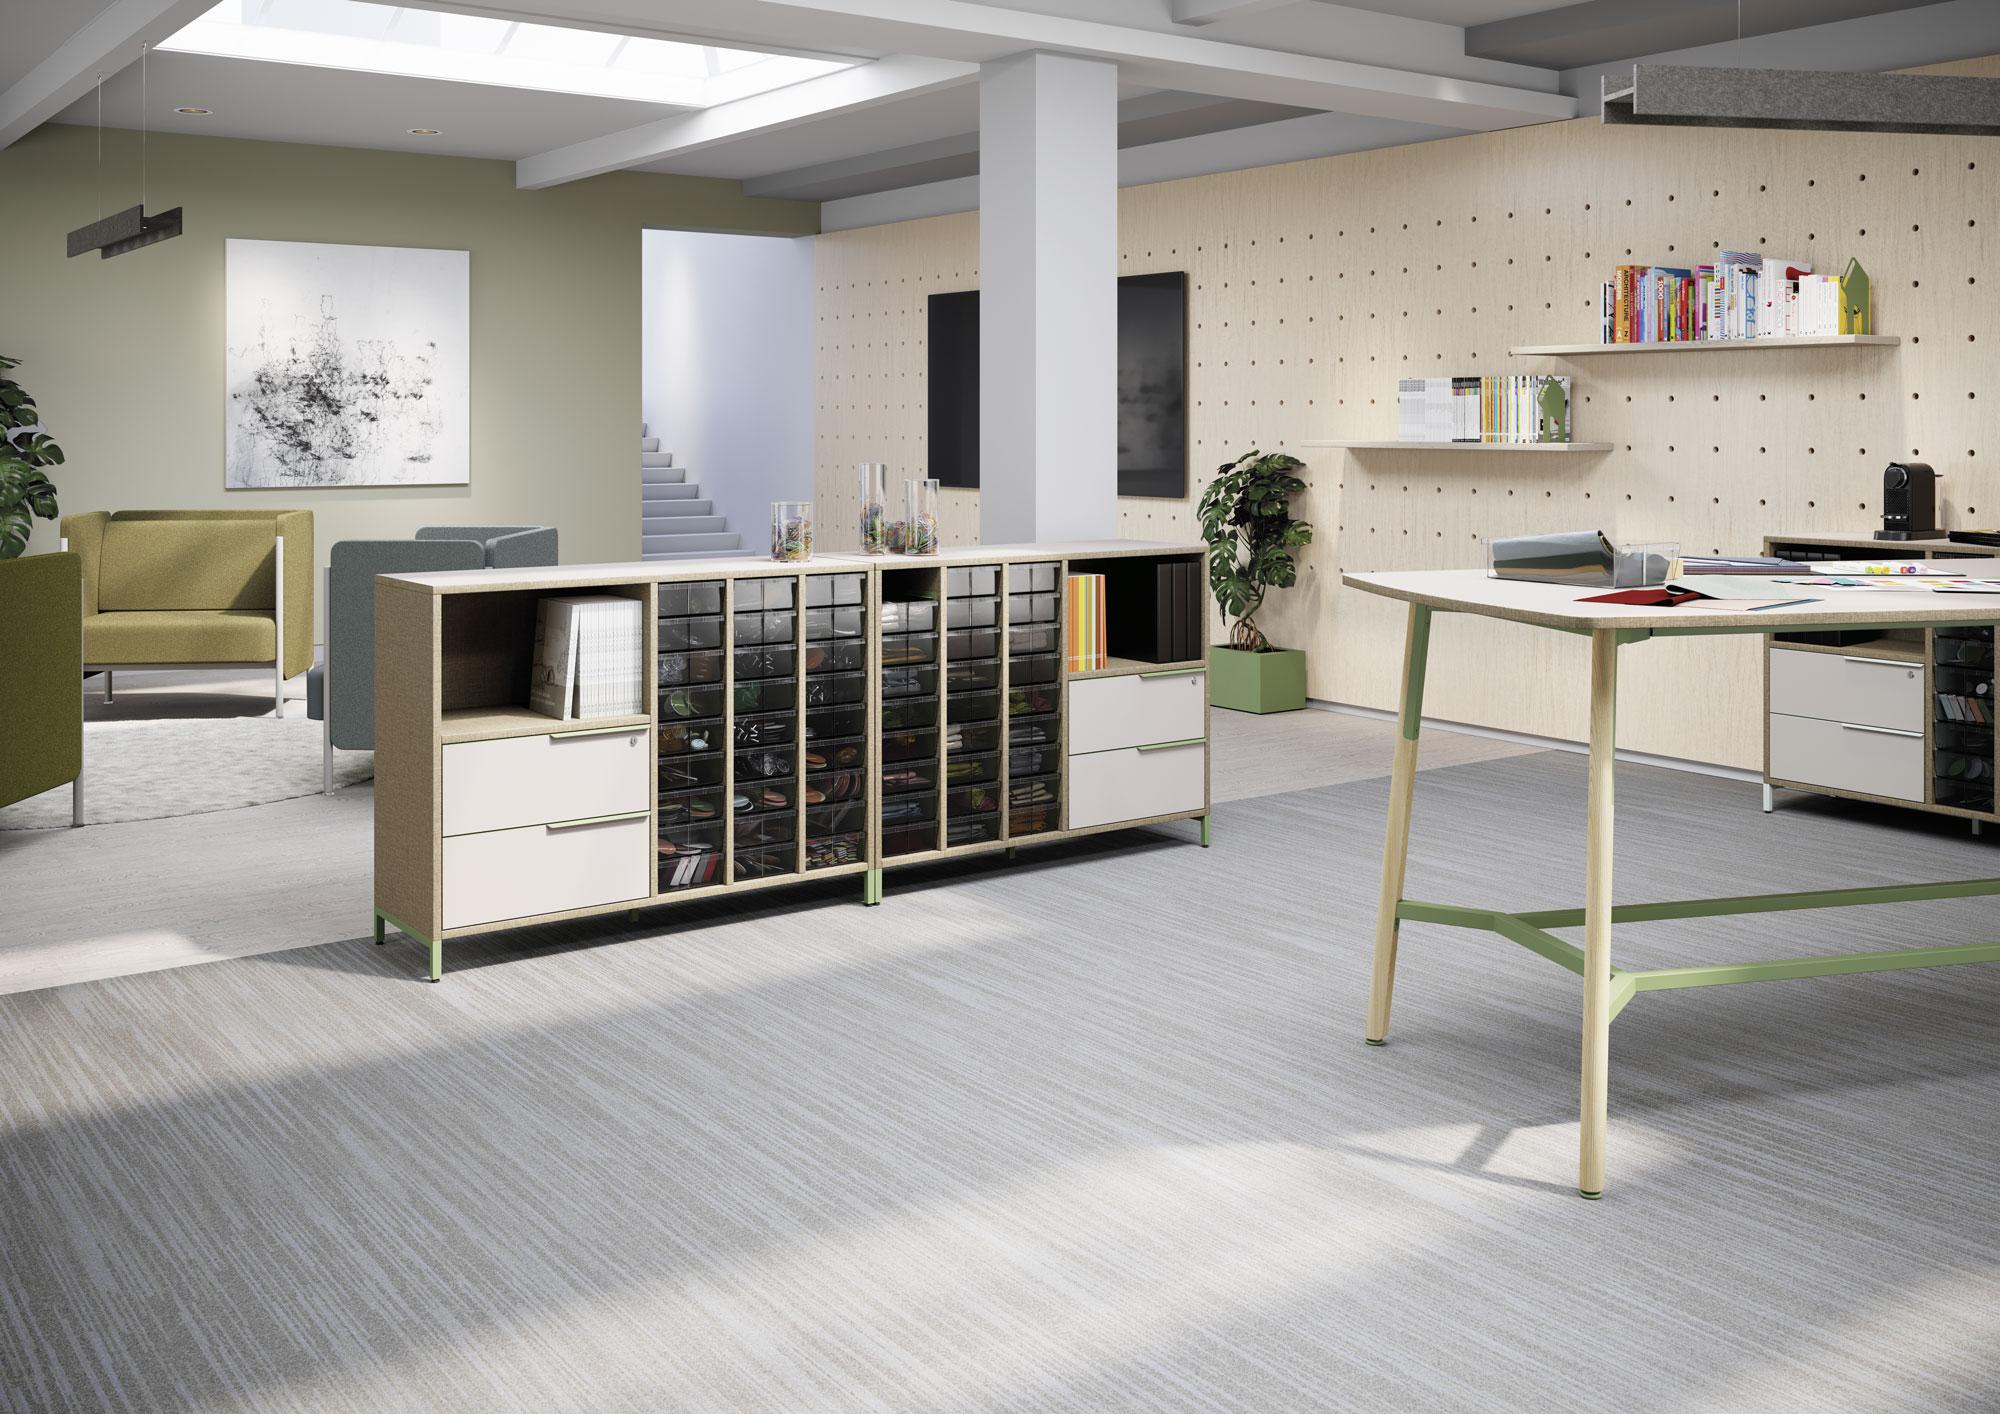 Matériauthèque meuble de rangement